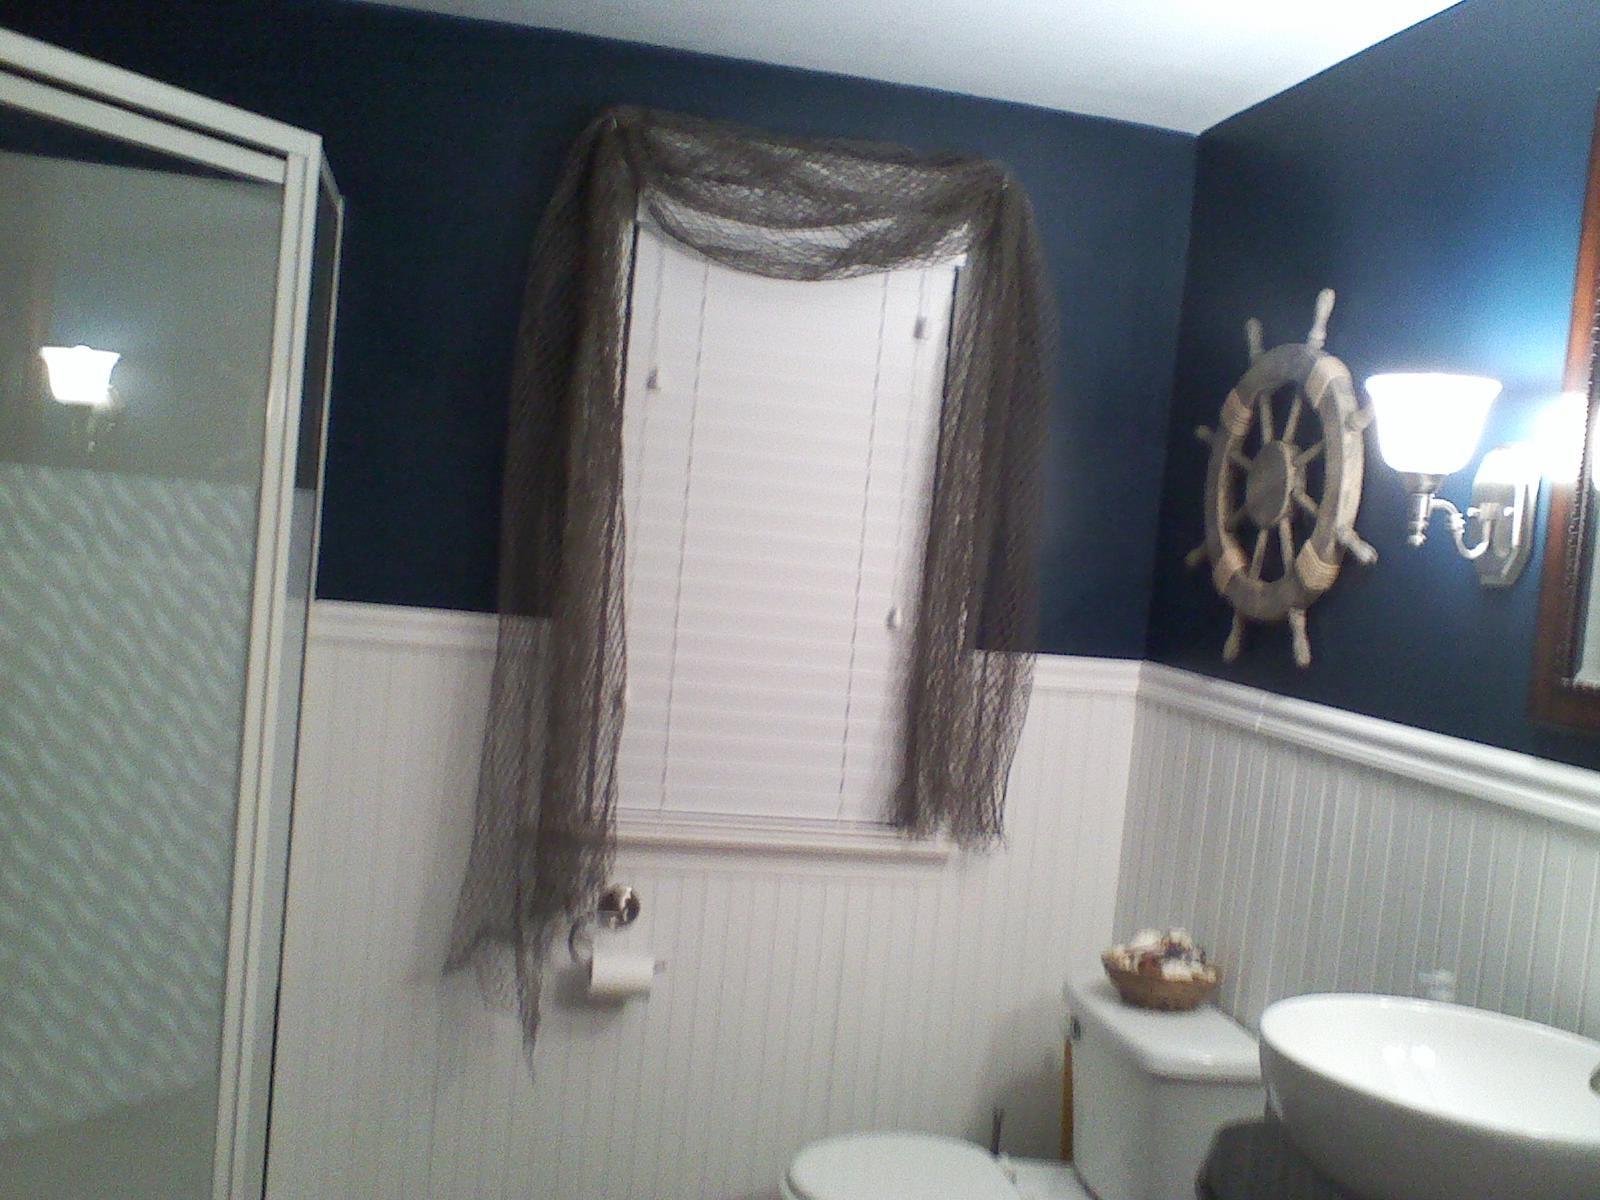 Nautical bathroom theme for the home pinterest for Nautical themed bathroom ideas